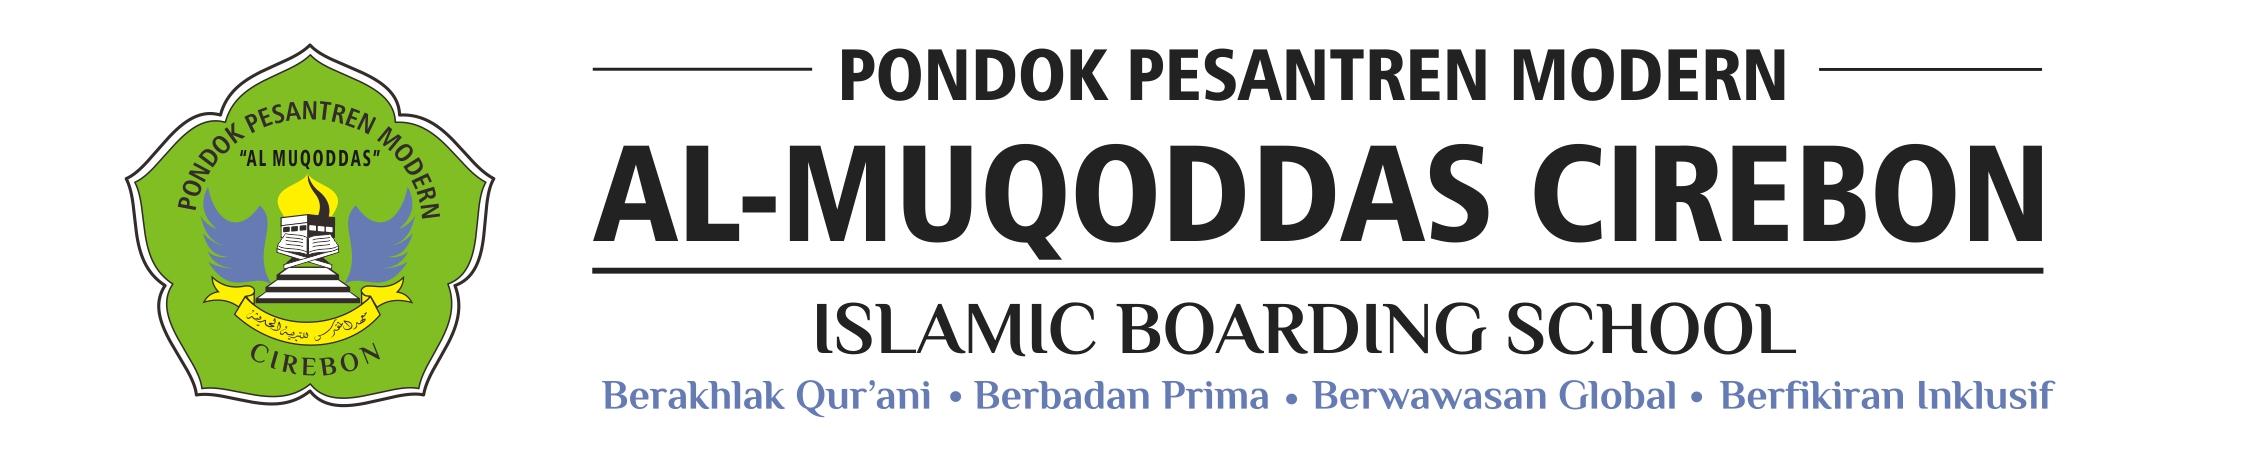 Pondok Pesantren Modern Al-Muqoddas Cirebon